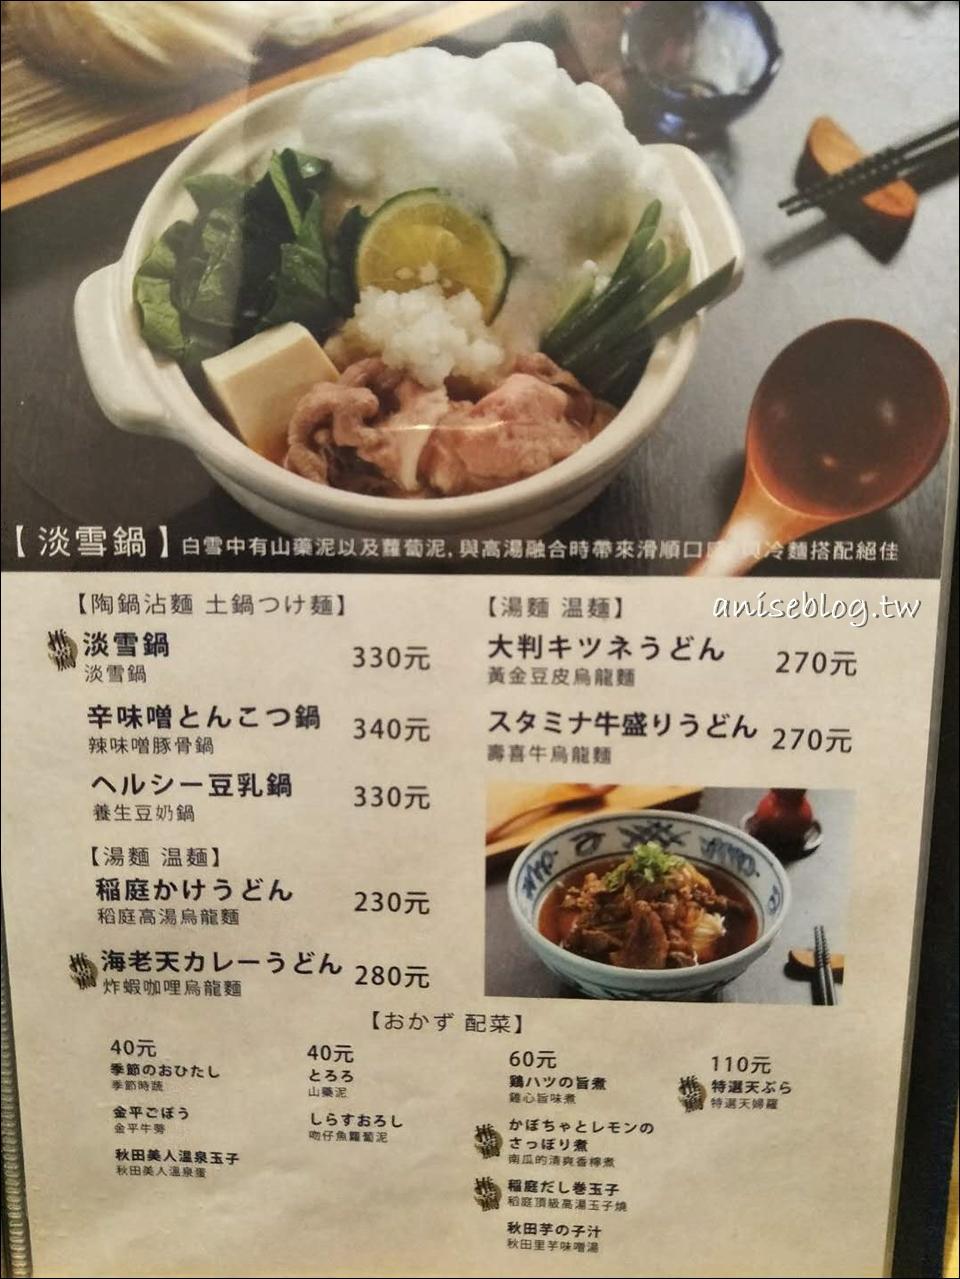 南京復興站美食.佐藤養助稻庭烏龍麵,來自秋田的日本皇室烏龍麵 (文末菜單)